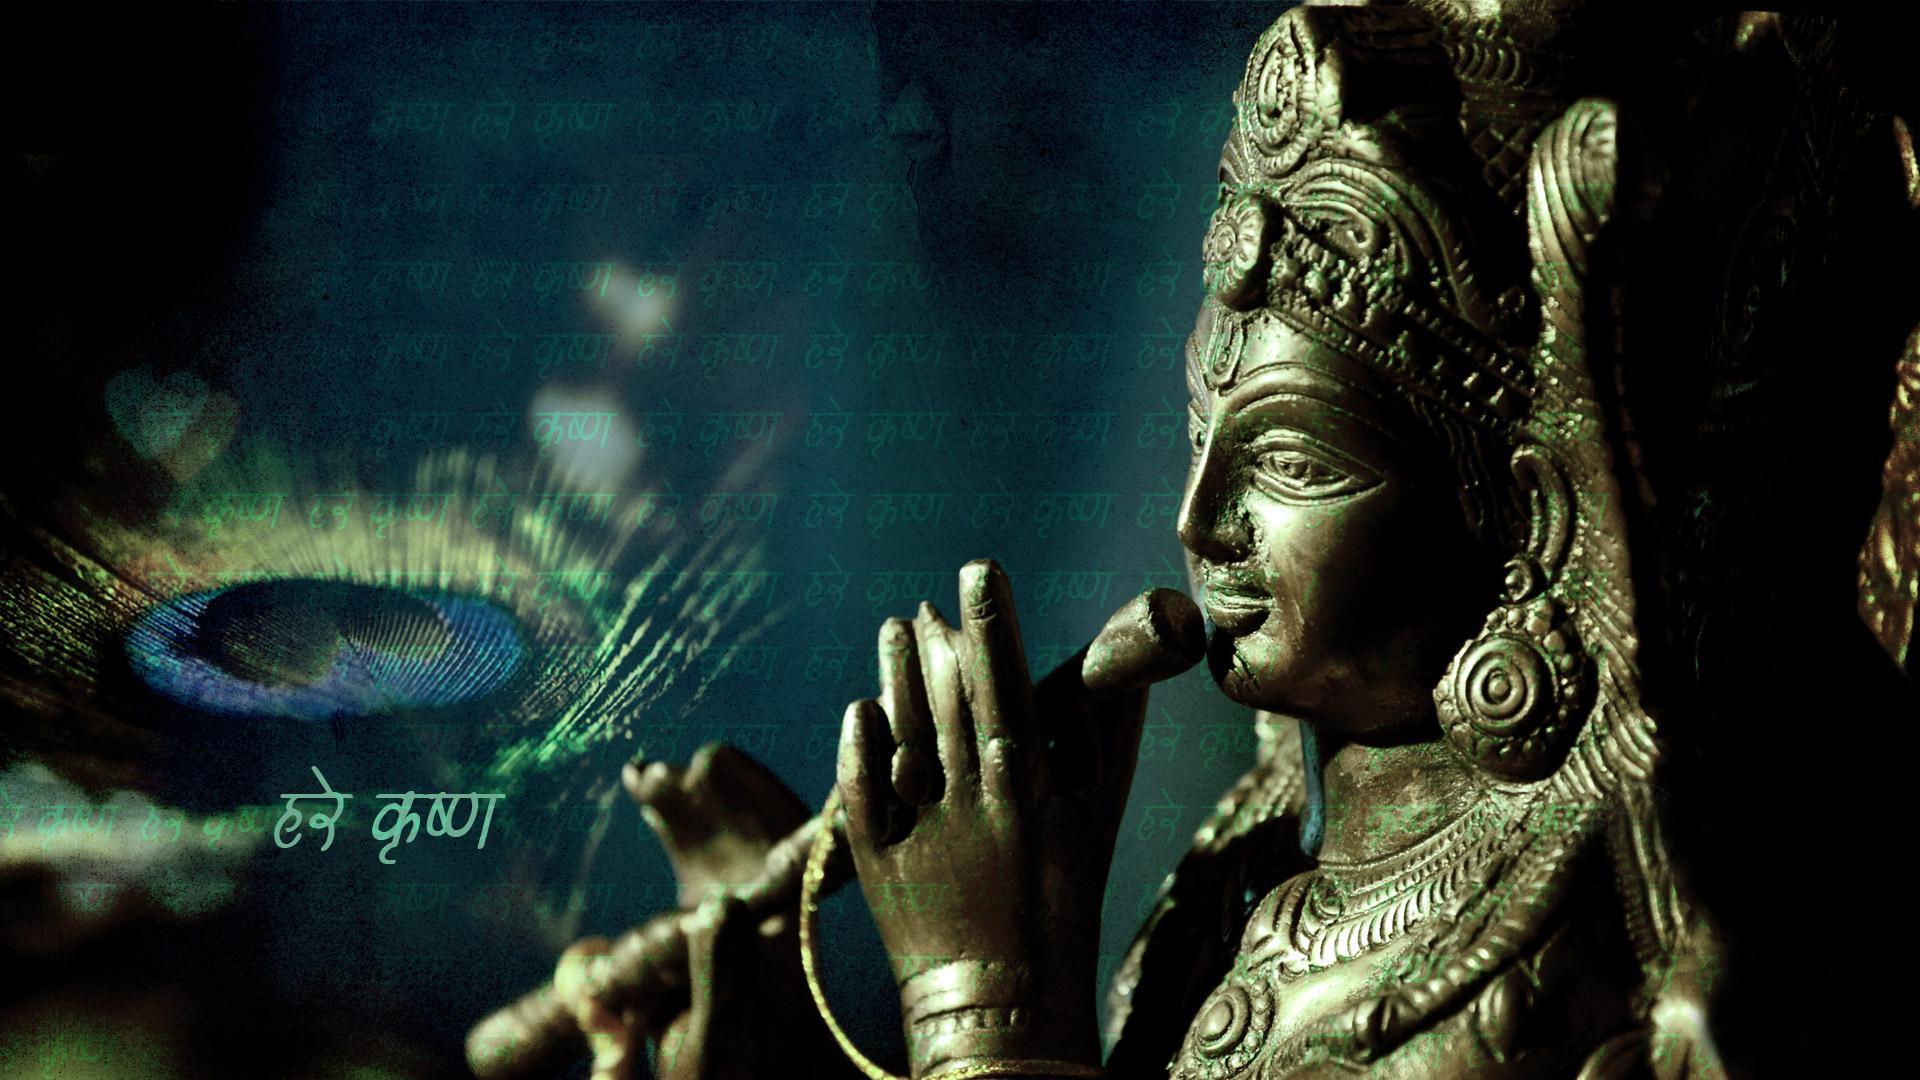 Wallpaper For Desktop Krishna